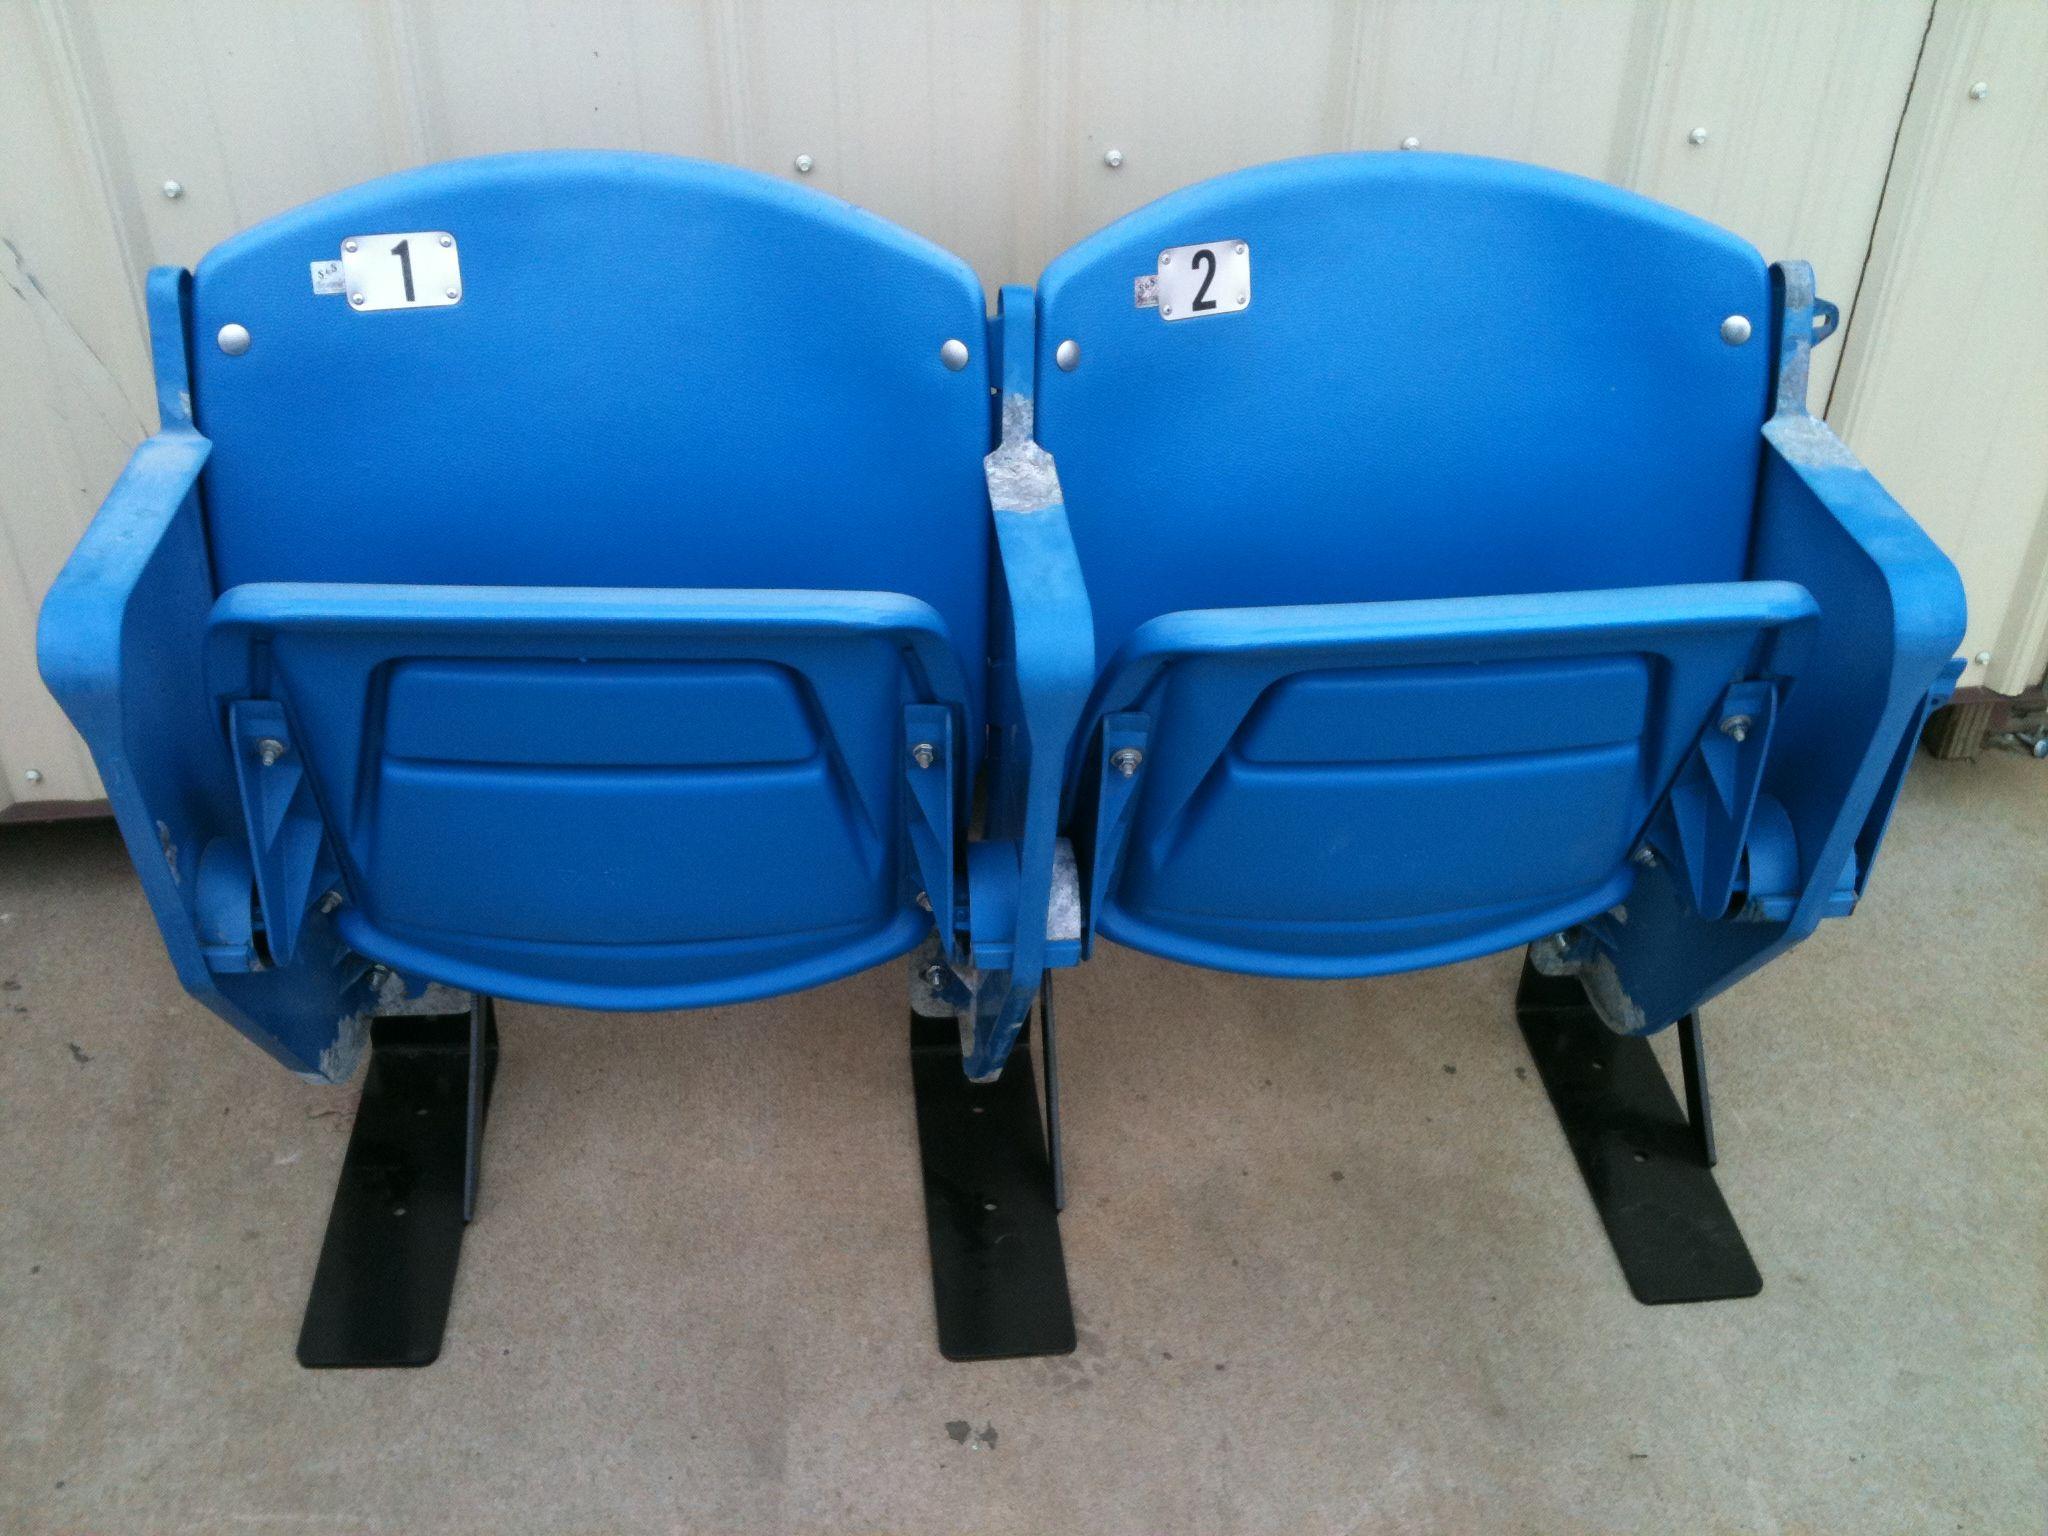 Rosenblatt Stadium seats memorabilia